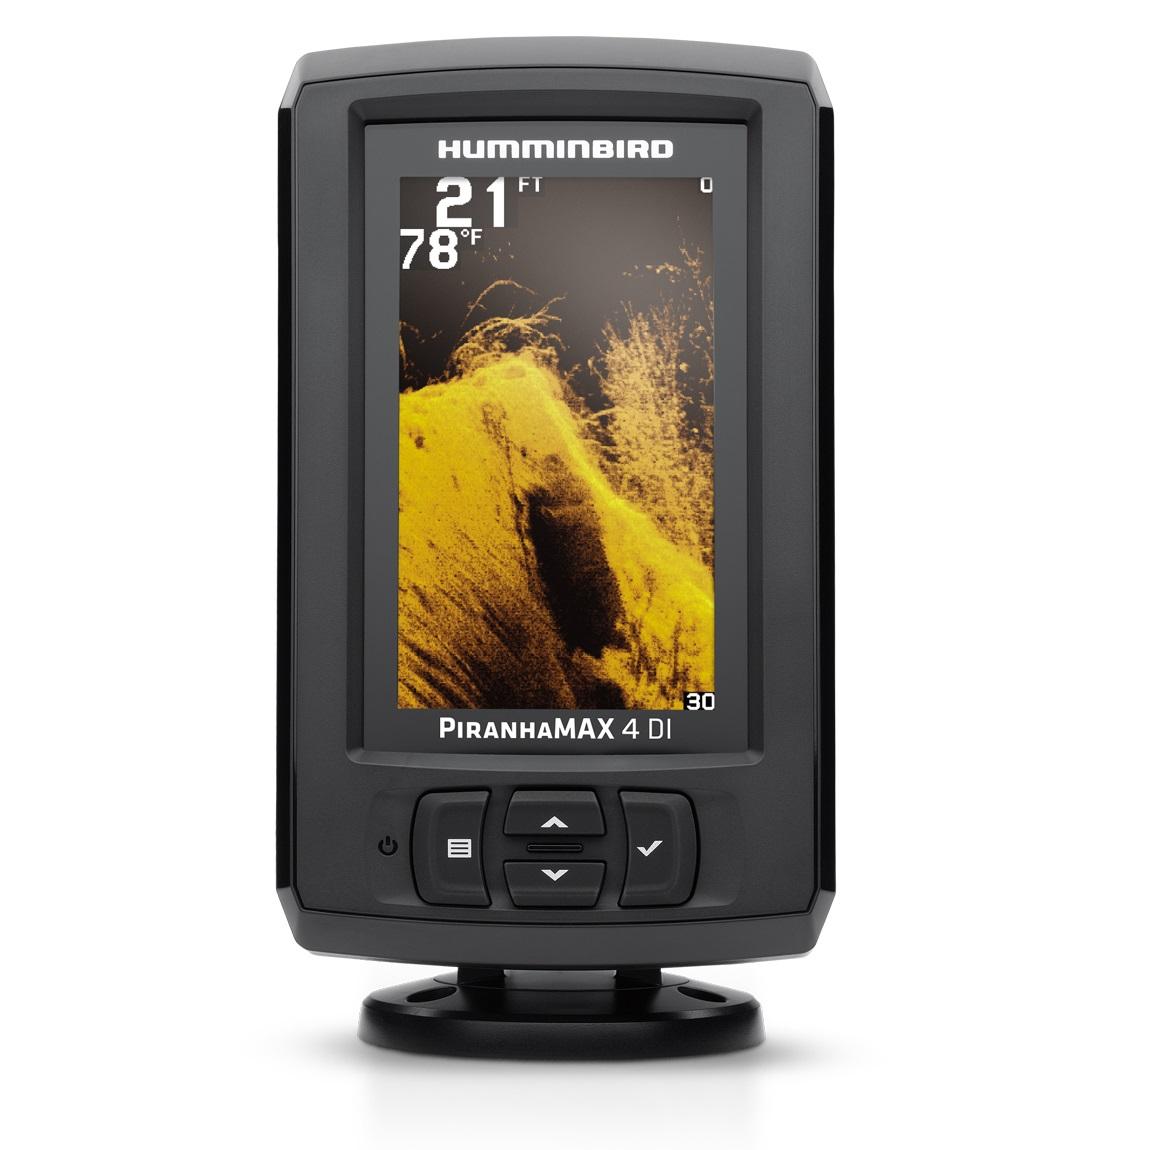 цена на Эхолот Humminbird PiranhaMAX 4 DI (+ Леска в подарок!)